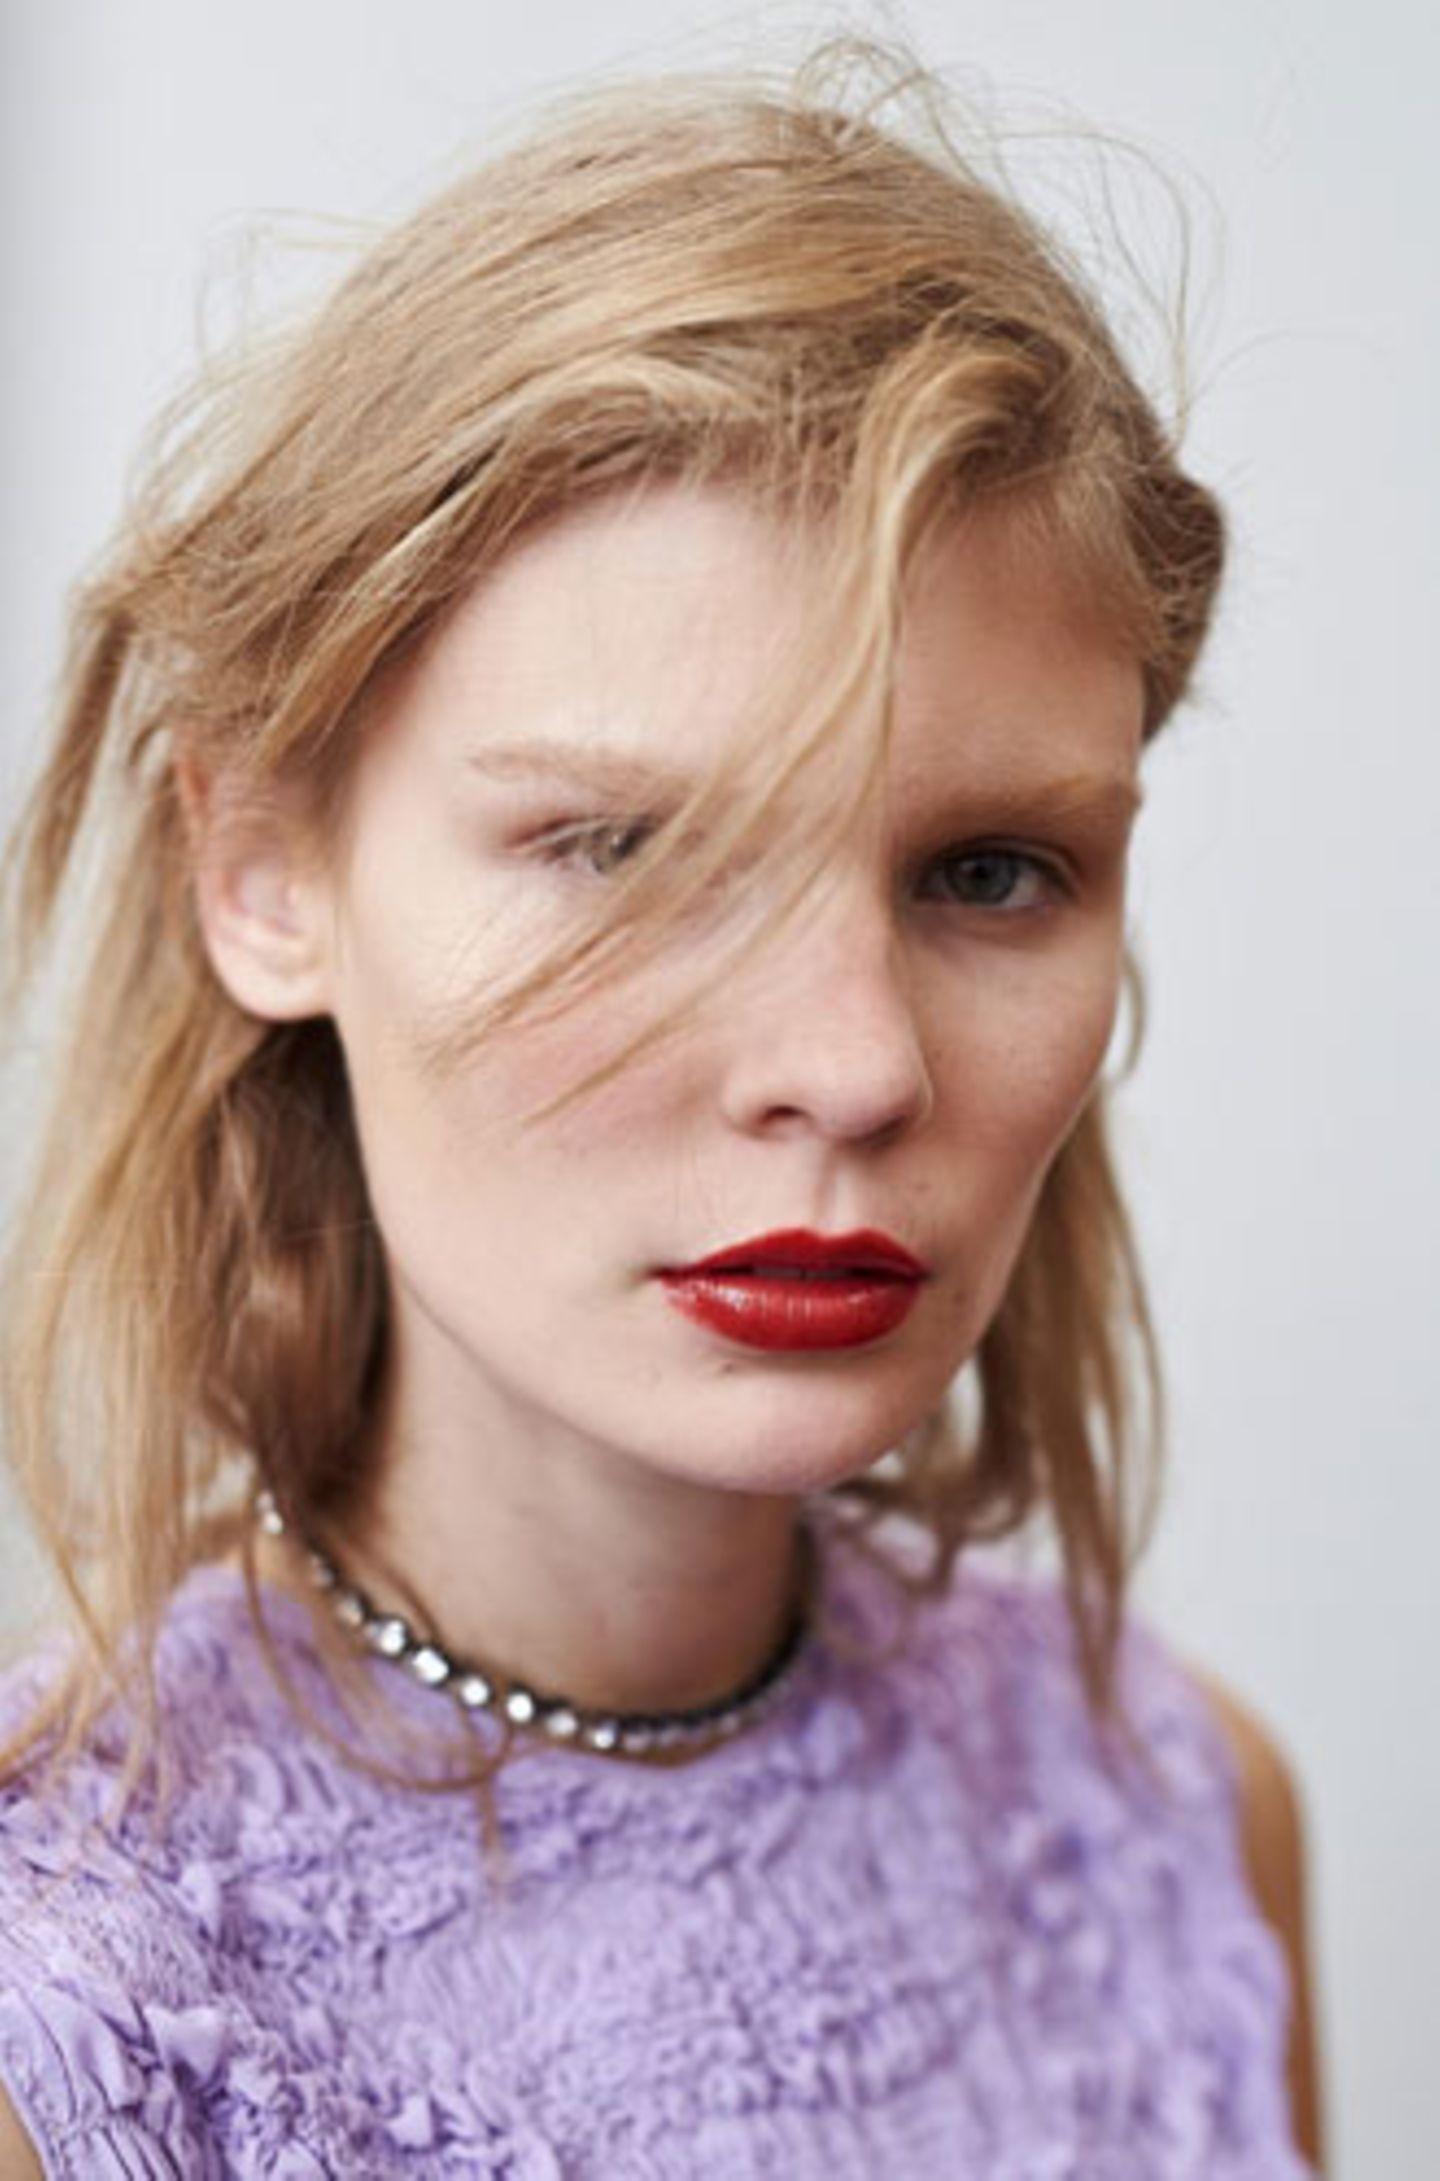 Sexy Frisur, weil: einzelne Strähnen, die ins Gesicht fallen, ganz einfach verführerisch wirken können.